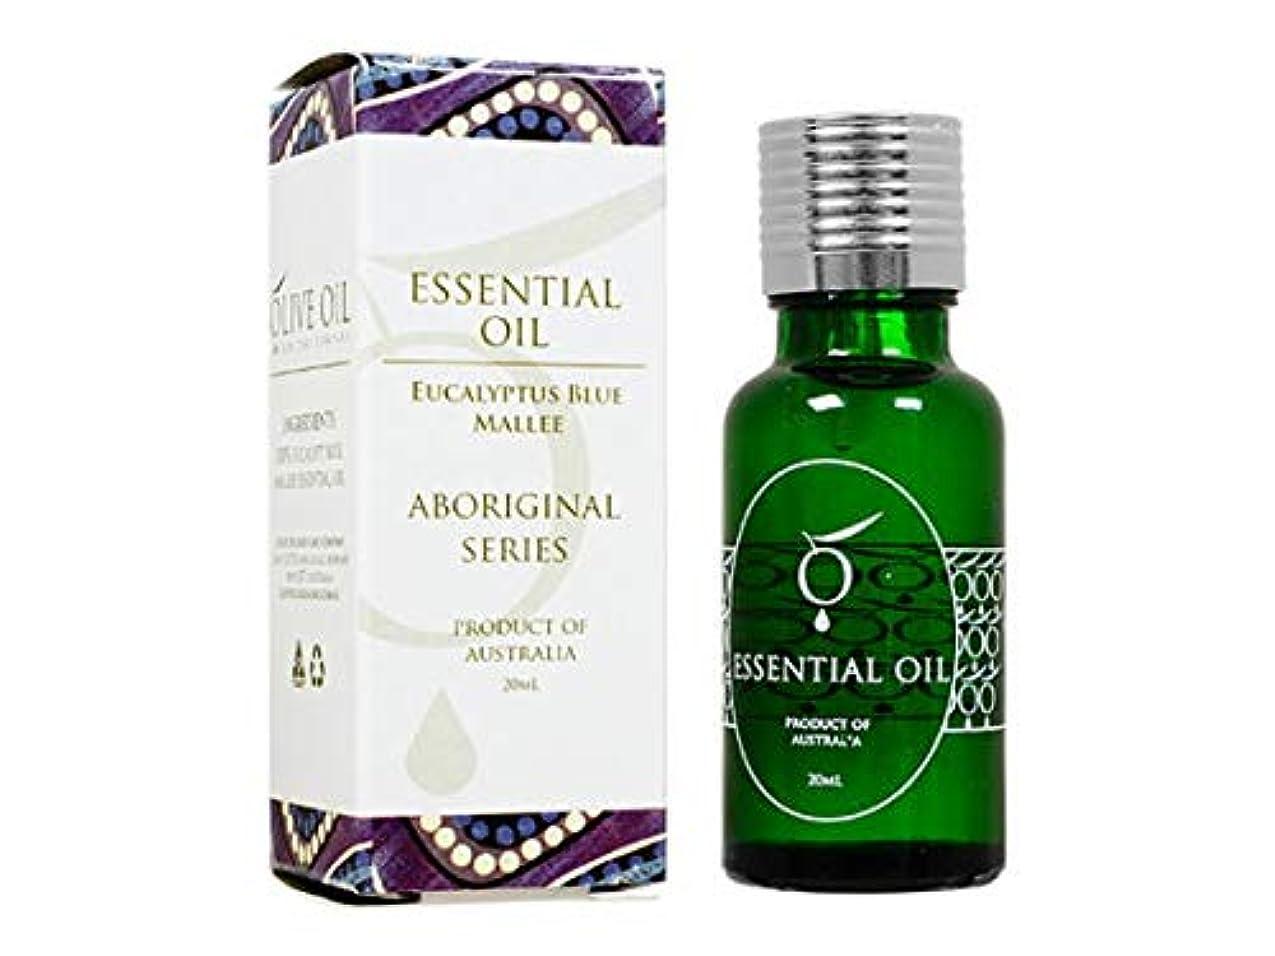 かき混ぜる手伝う恐ろしいOliveOil エッセンシャルオイル?ユーカリブルーマリー 20ml (OliveOil) Essential Oil (Eucalyptus Blue Mallee) Made in Australia